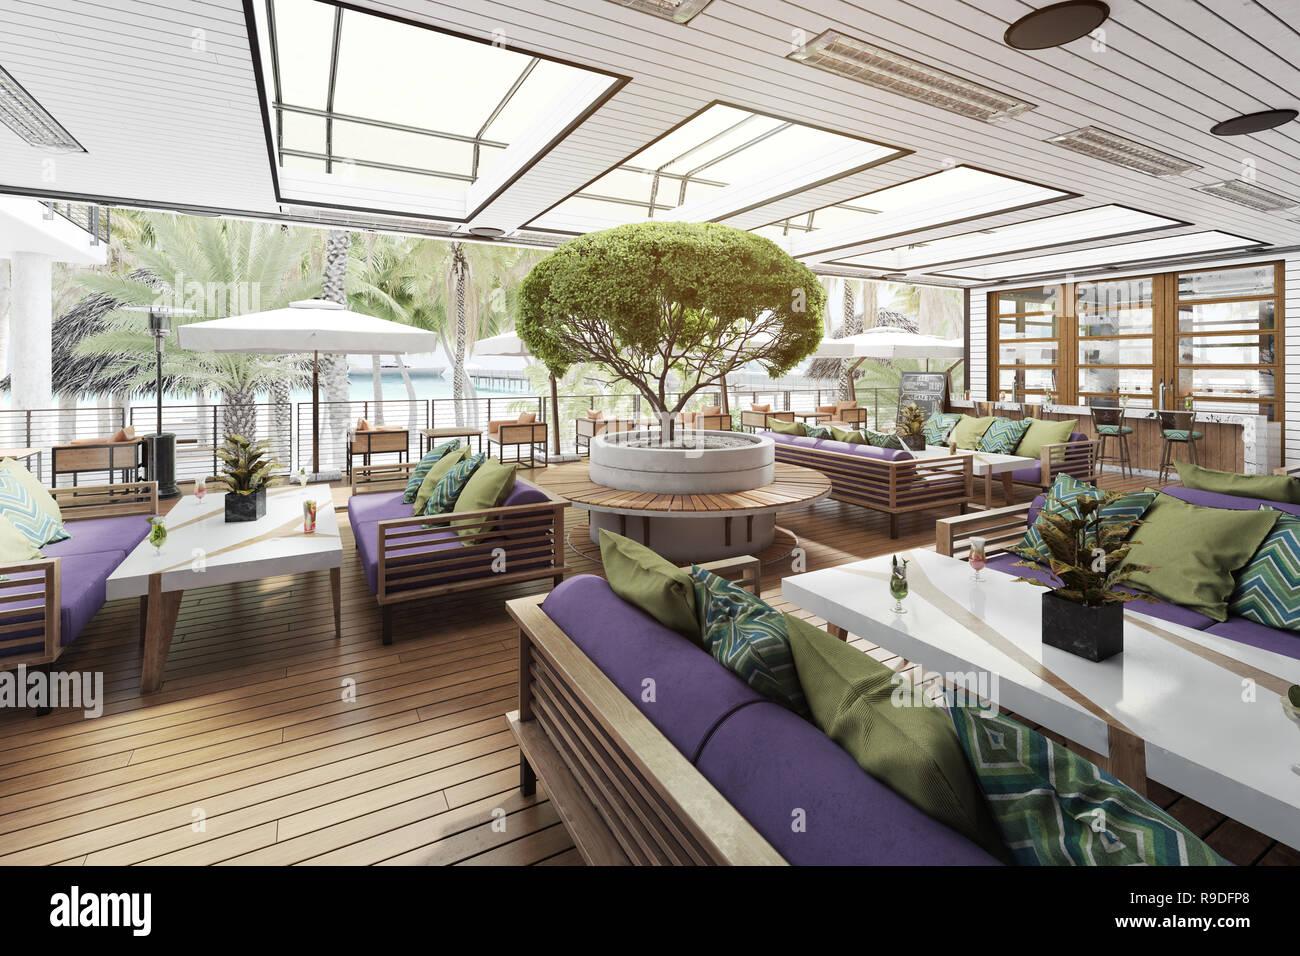 Moderne terrasse Cafe am Strand. 3D-rendering Design Konzept ...